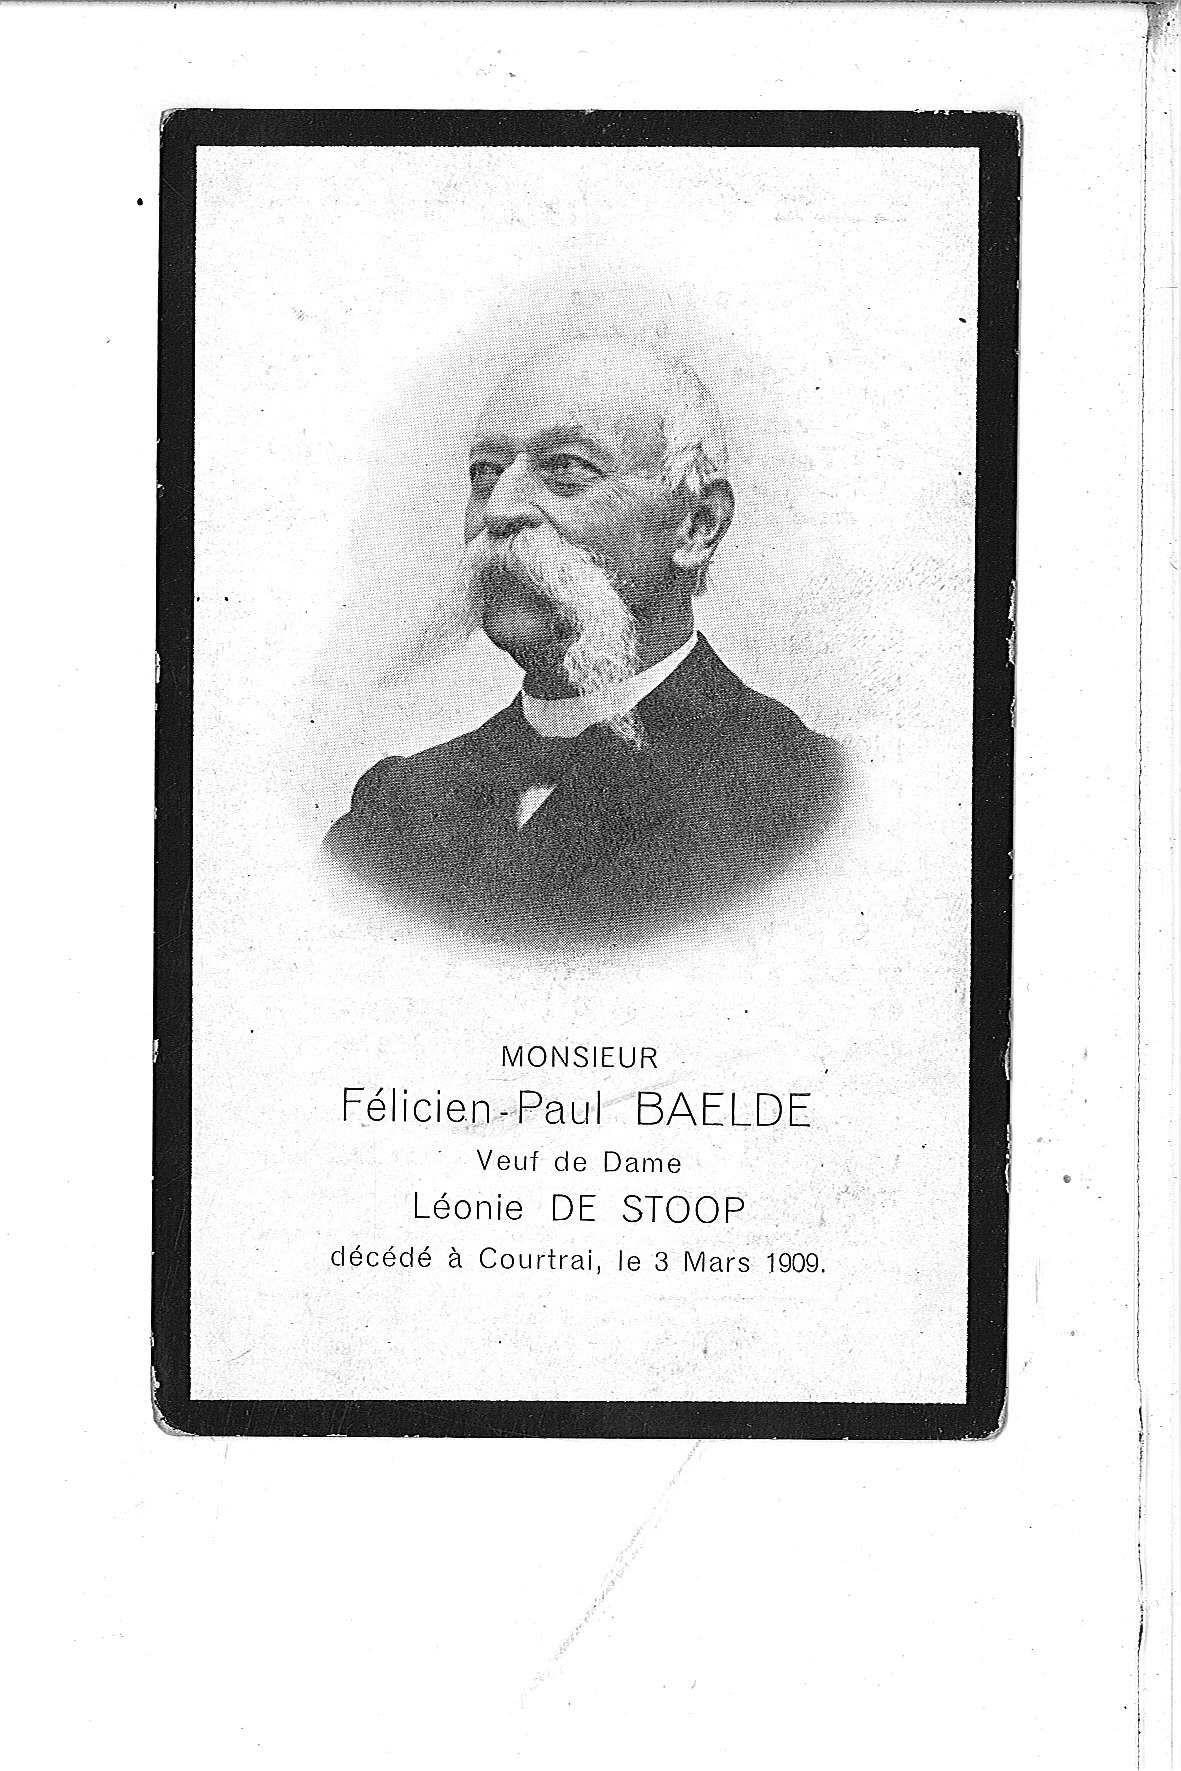 Félicien-Paul-Emile(1909)20100928110430_00029.jpg